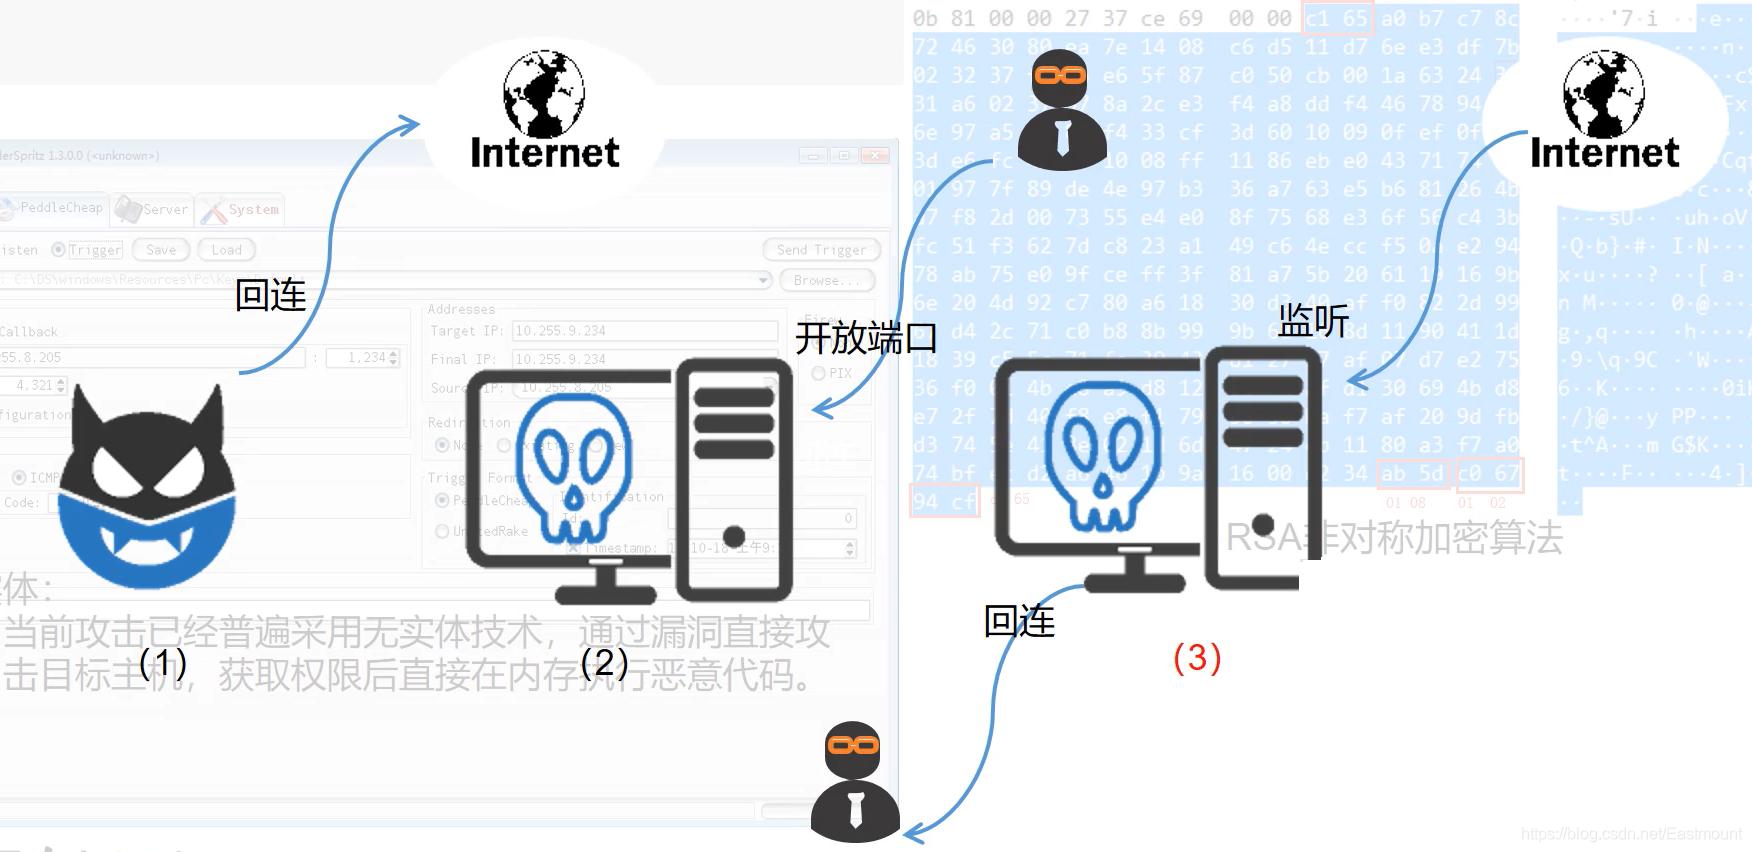 [网络安全自学篇] 九十.远控木马详解及APT攻击中的远控